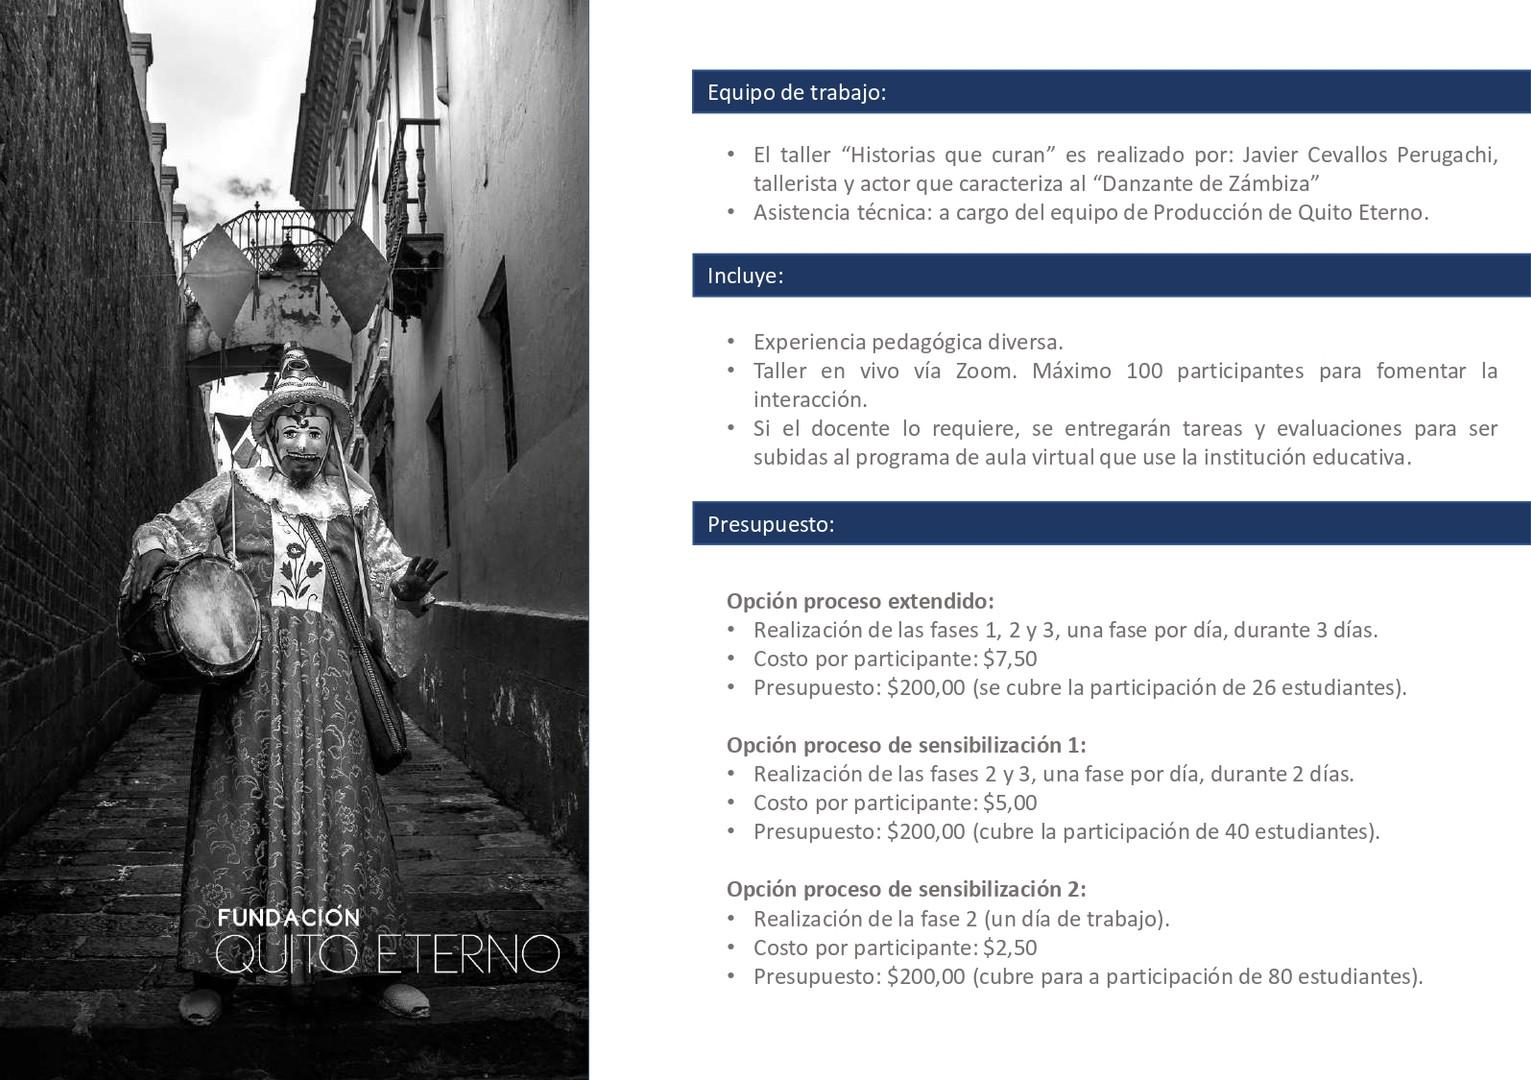 Quito Eterno - Historias que curan 10